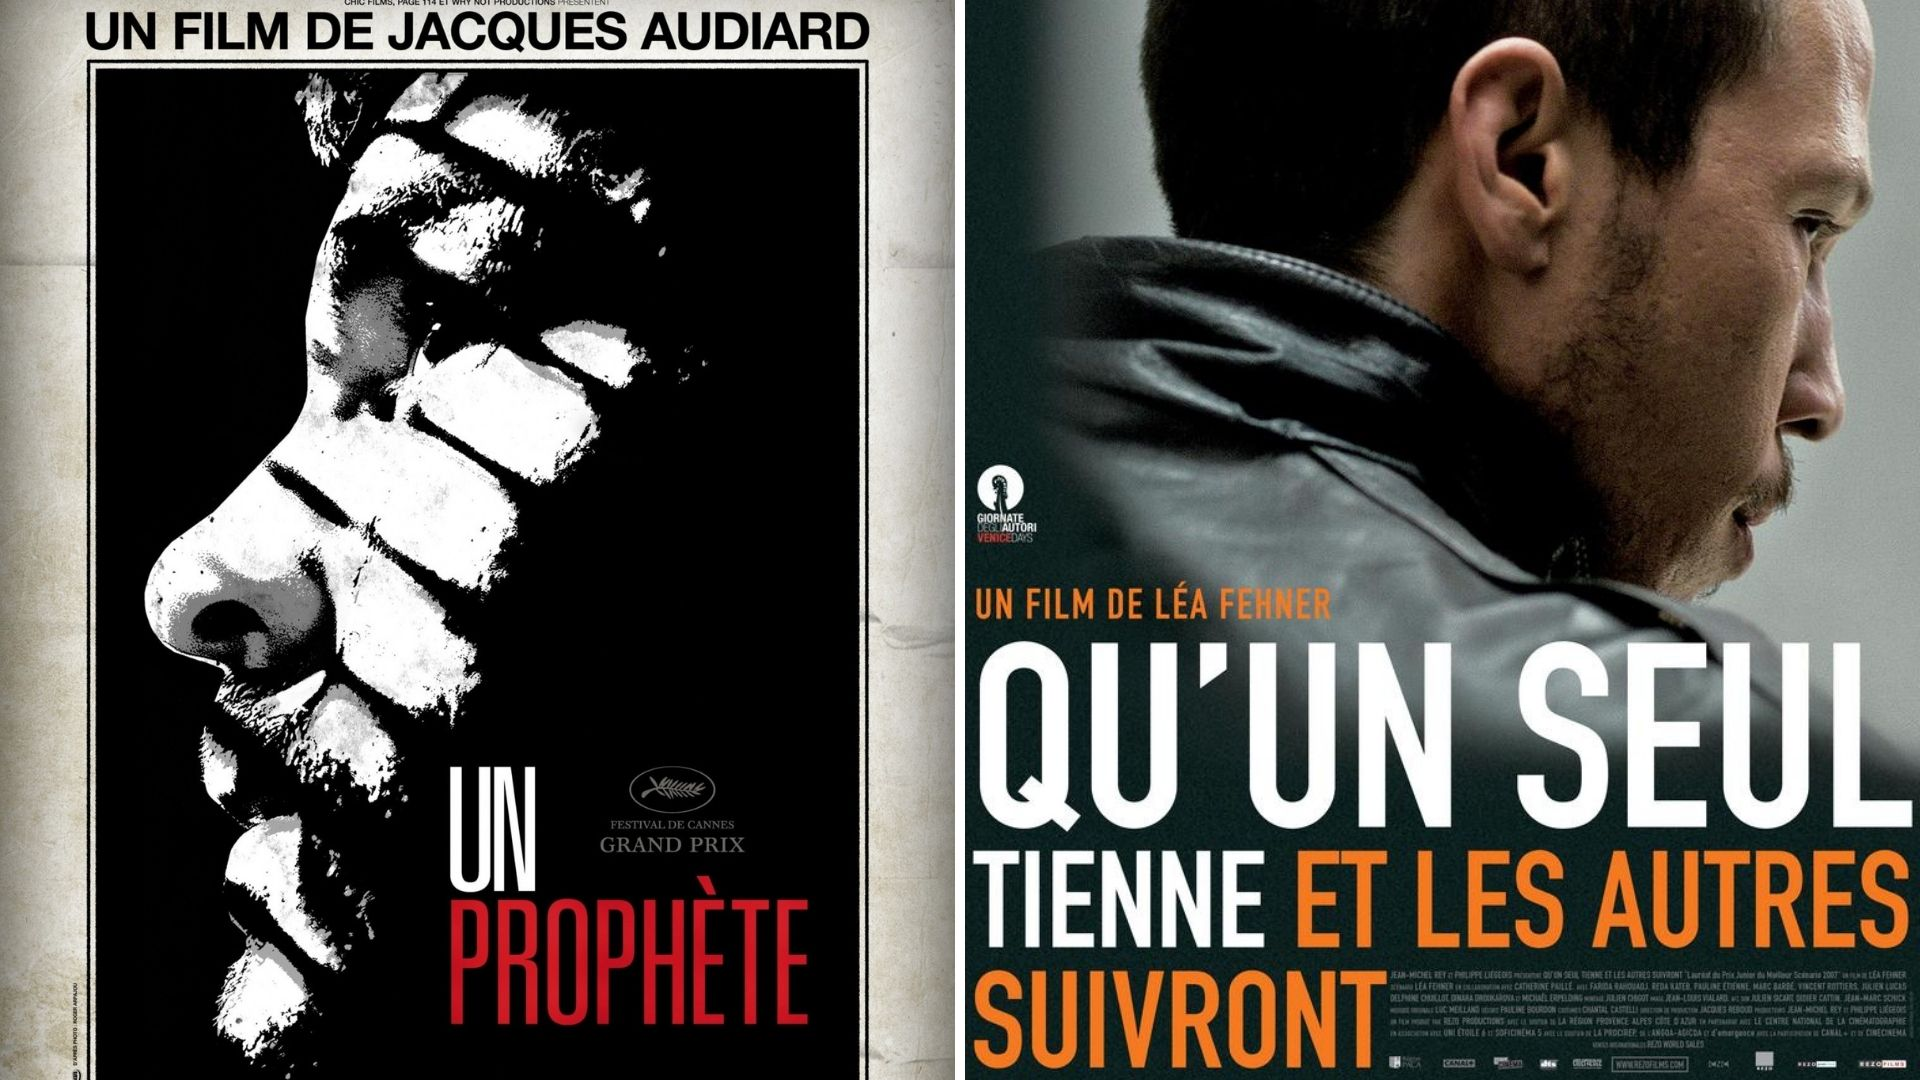 Un prophète et Qu'un seul tienne et les autres suivront affiches films cinéma